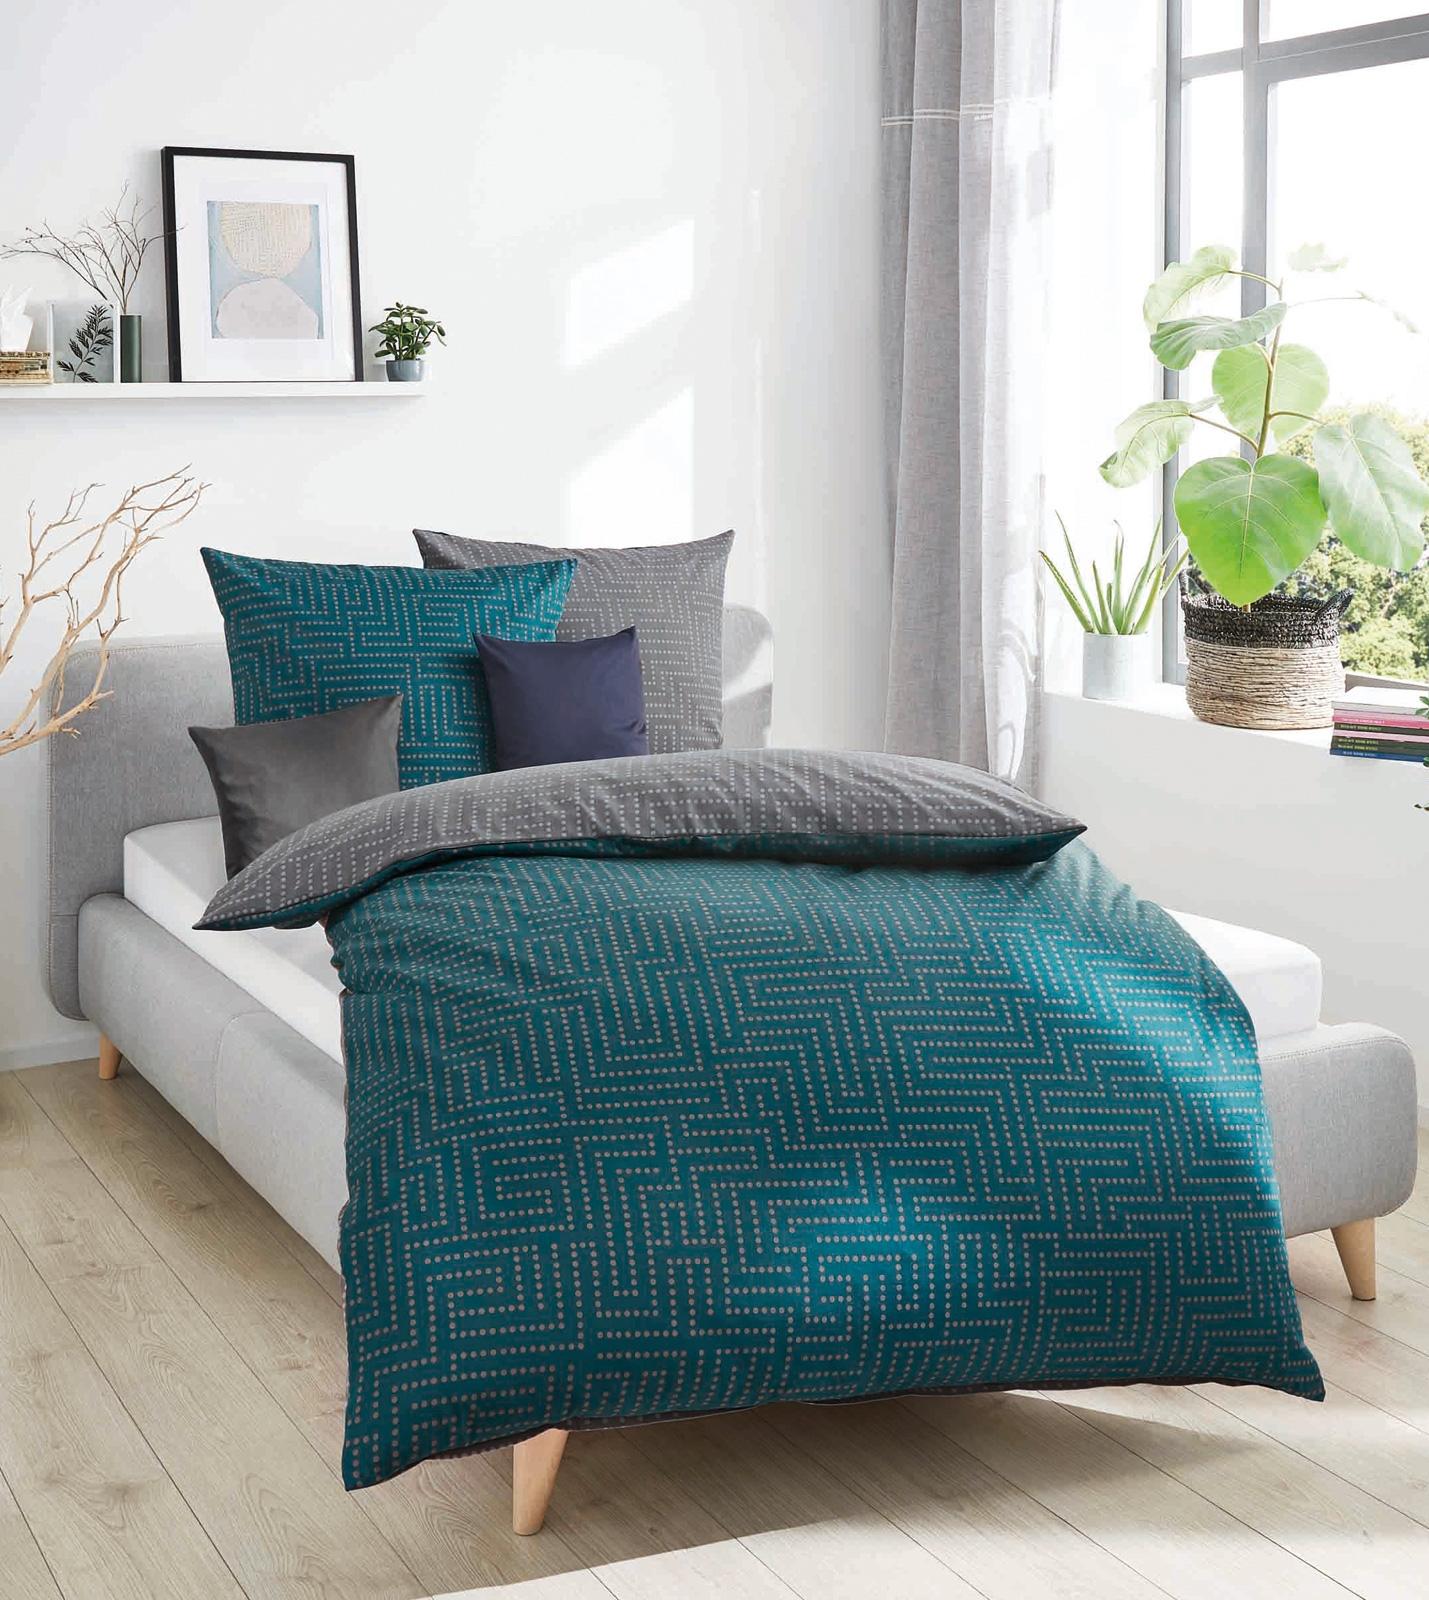 Bettwäsche - Kaeppel Biber Bettwäsche 100 Baumwolle Password smaragd 155x220 Aufbewahrungsbeutel  - Onlineshop PremiumShop321